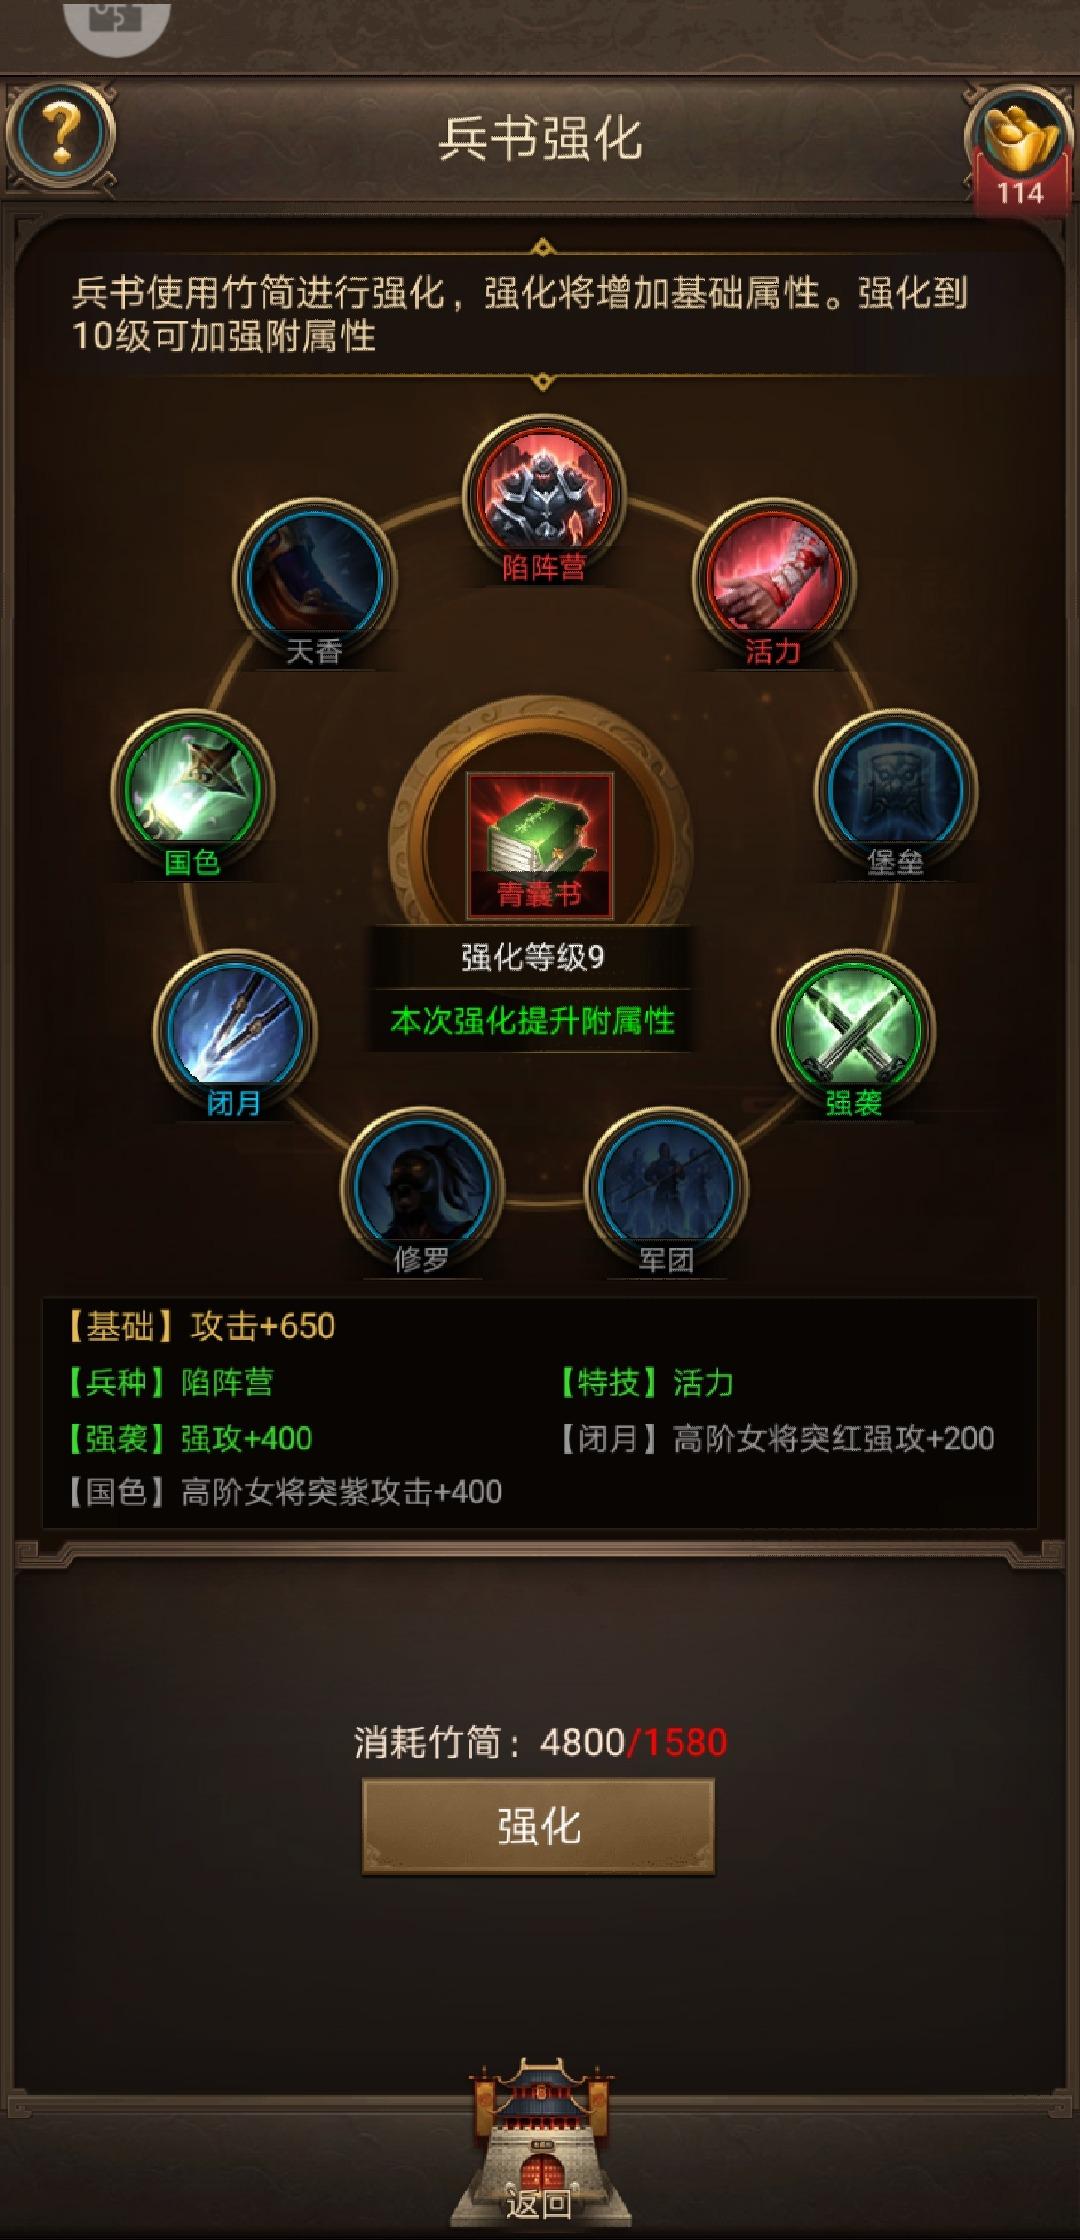 Screenshot_20190516_174510_juedi.tatuyin.rxsg.huawei.jpg